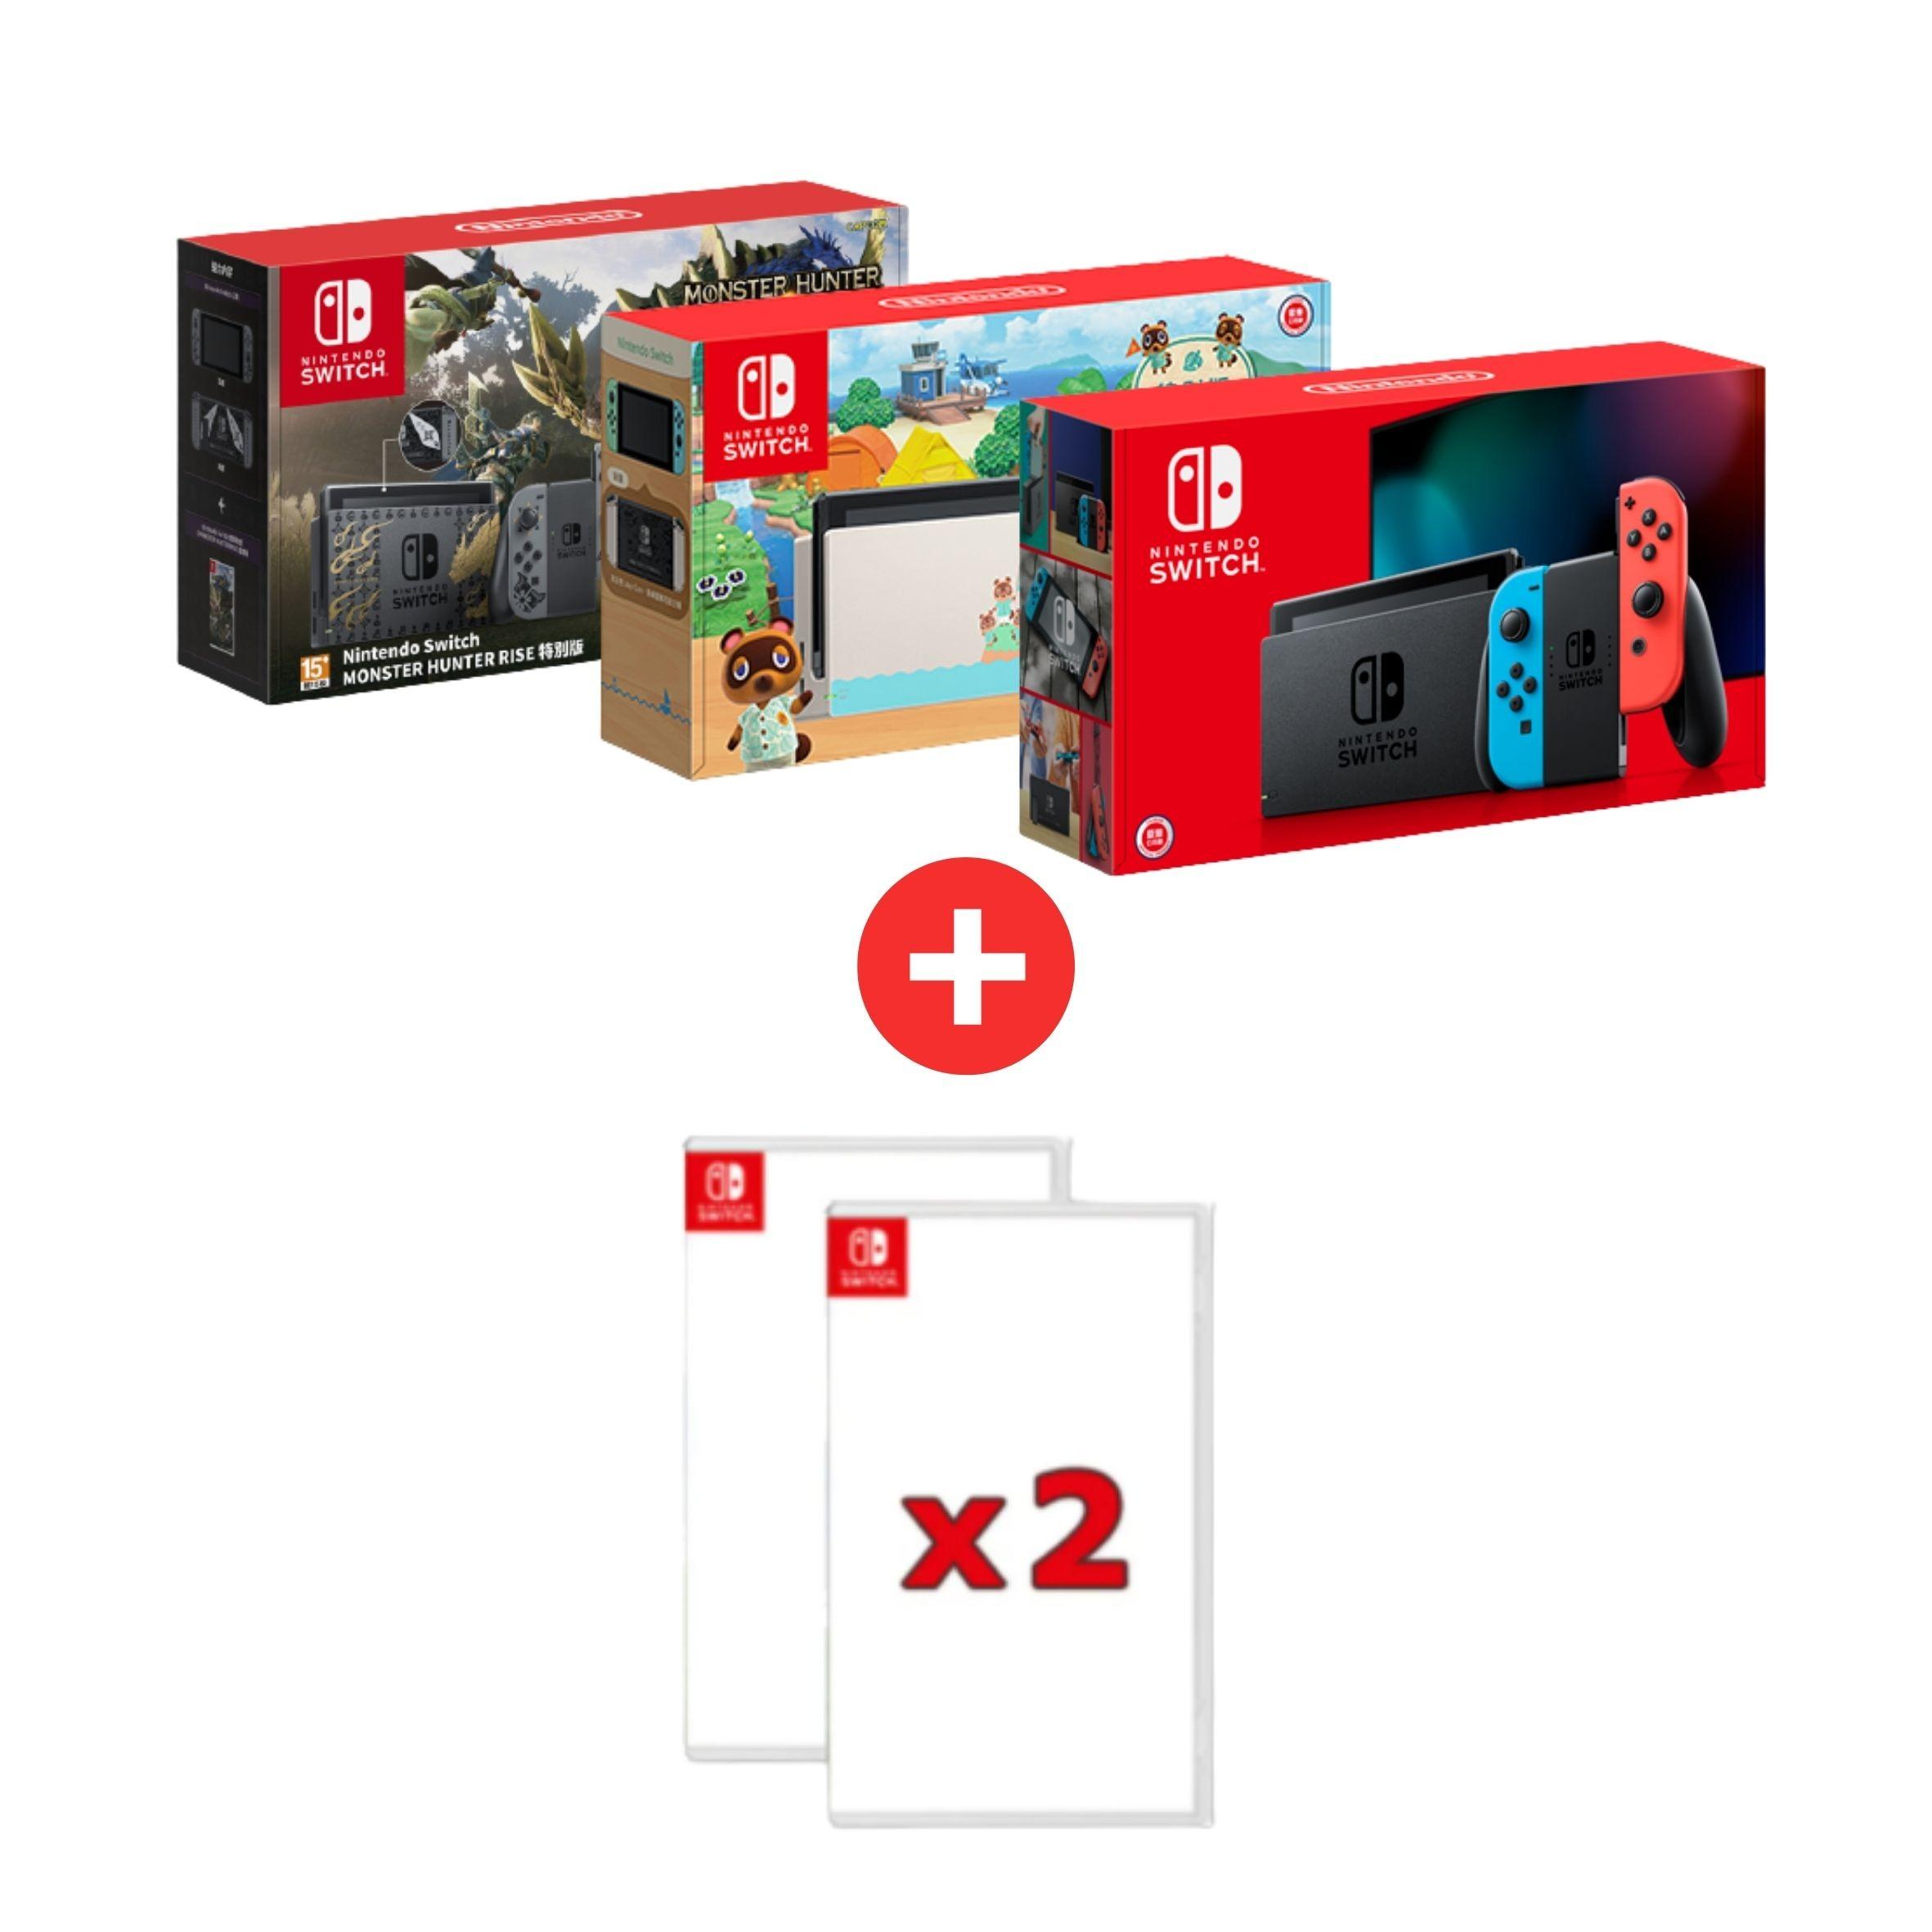 switch + 兩片遊戲 無卡分期